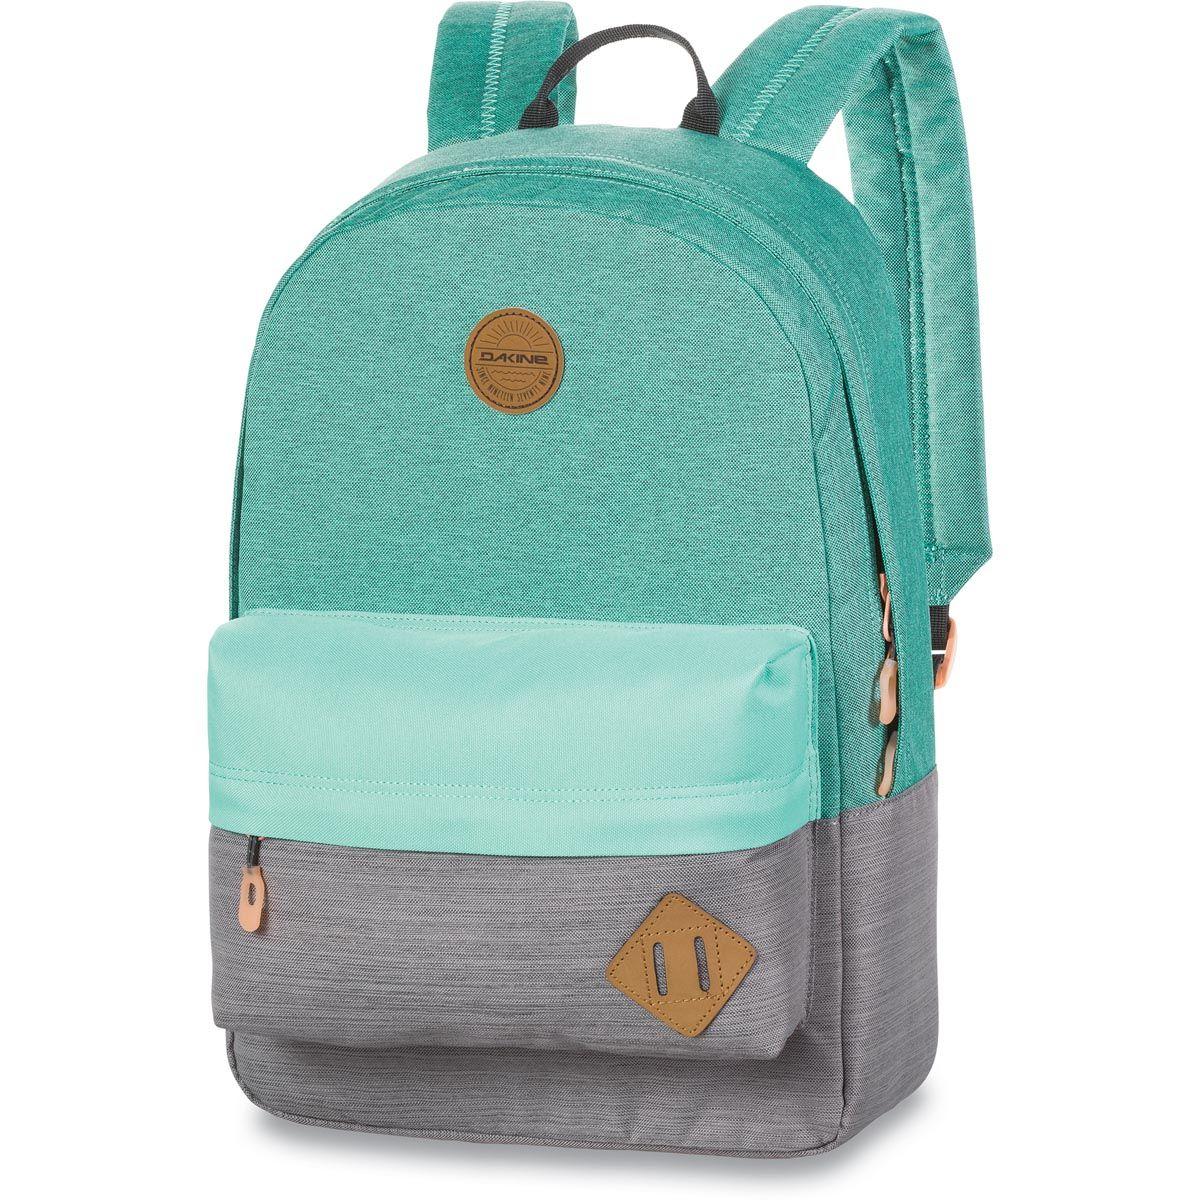 7ba22dca49 Dakine 365 Pack 21L Backpack